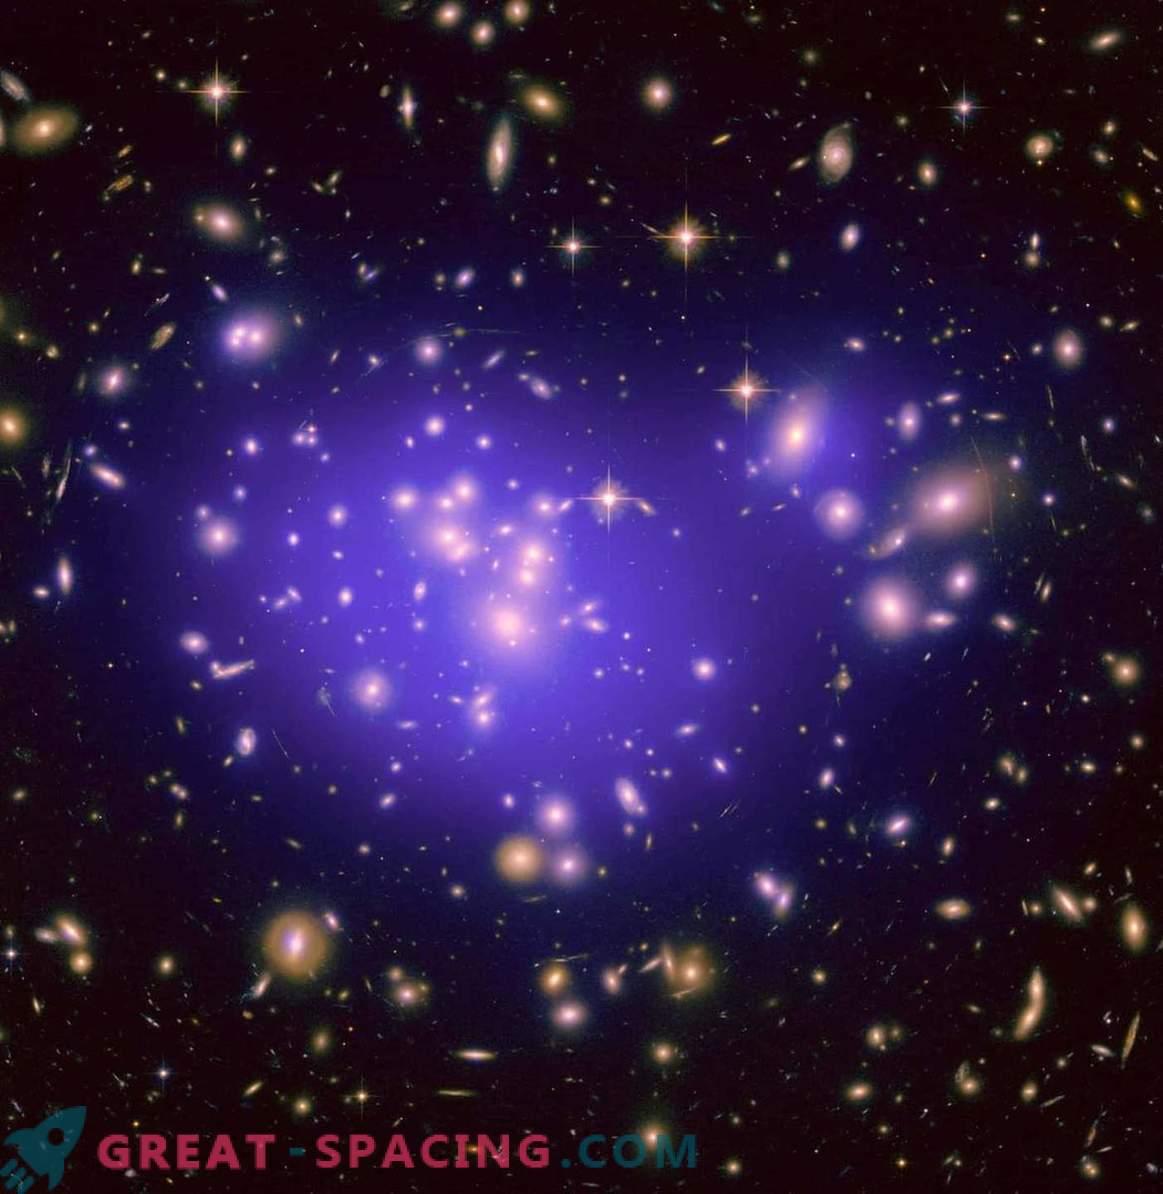 Kaj je bilo prej: galaksije ali črne luknje